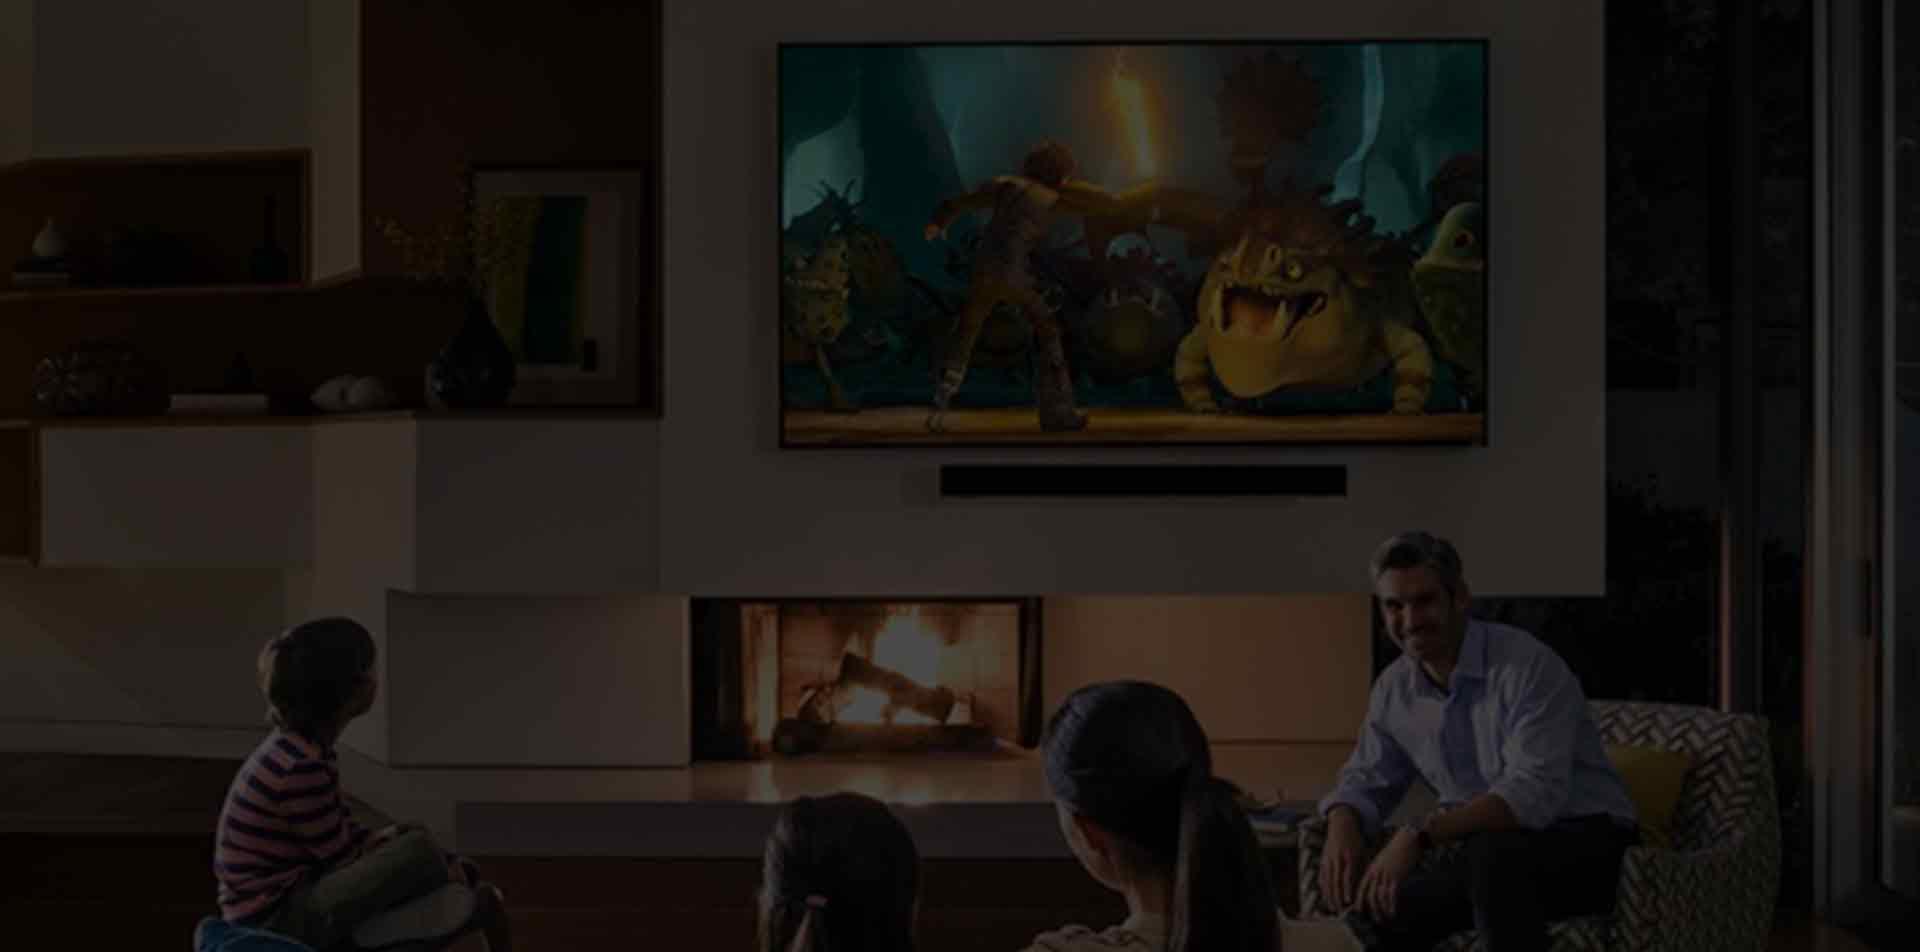 نمایندگی تعمیرات تلویزیون ایکس ویژن